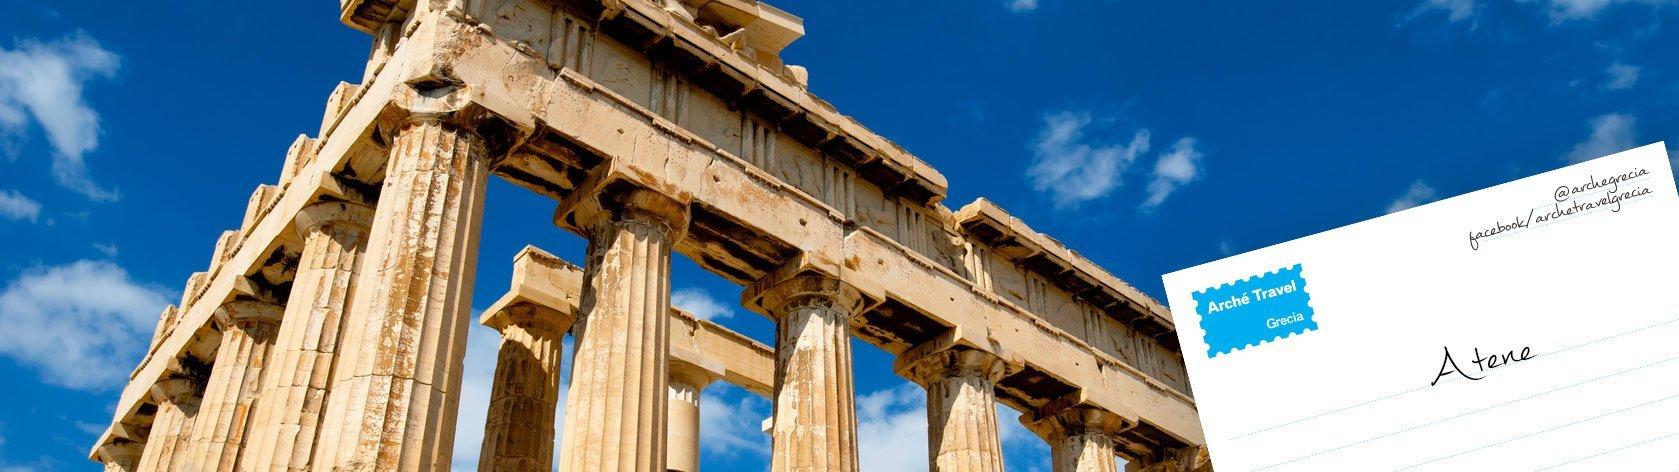 CATALOGHI Viaggi Tour Atene Grecia - Arché Travel - Tour Operator Grecia Atene